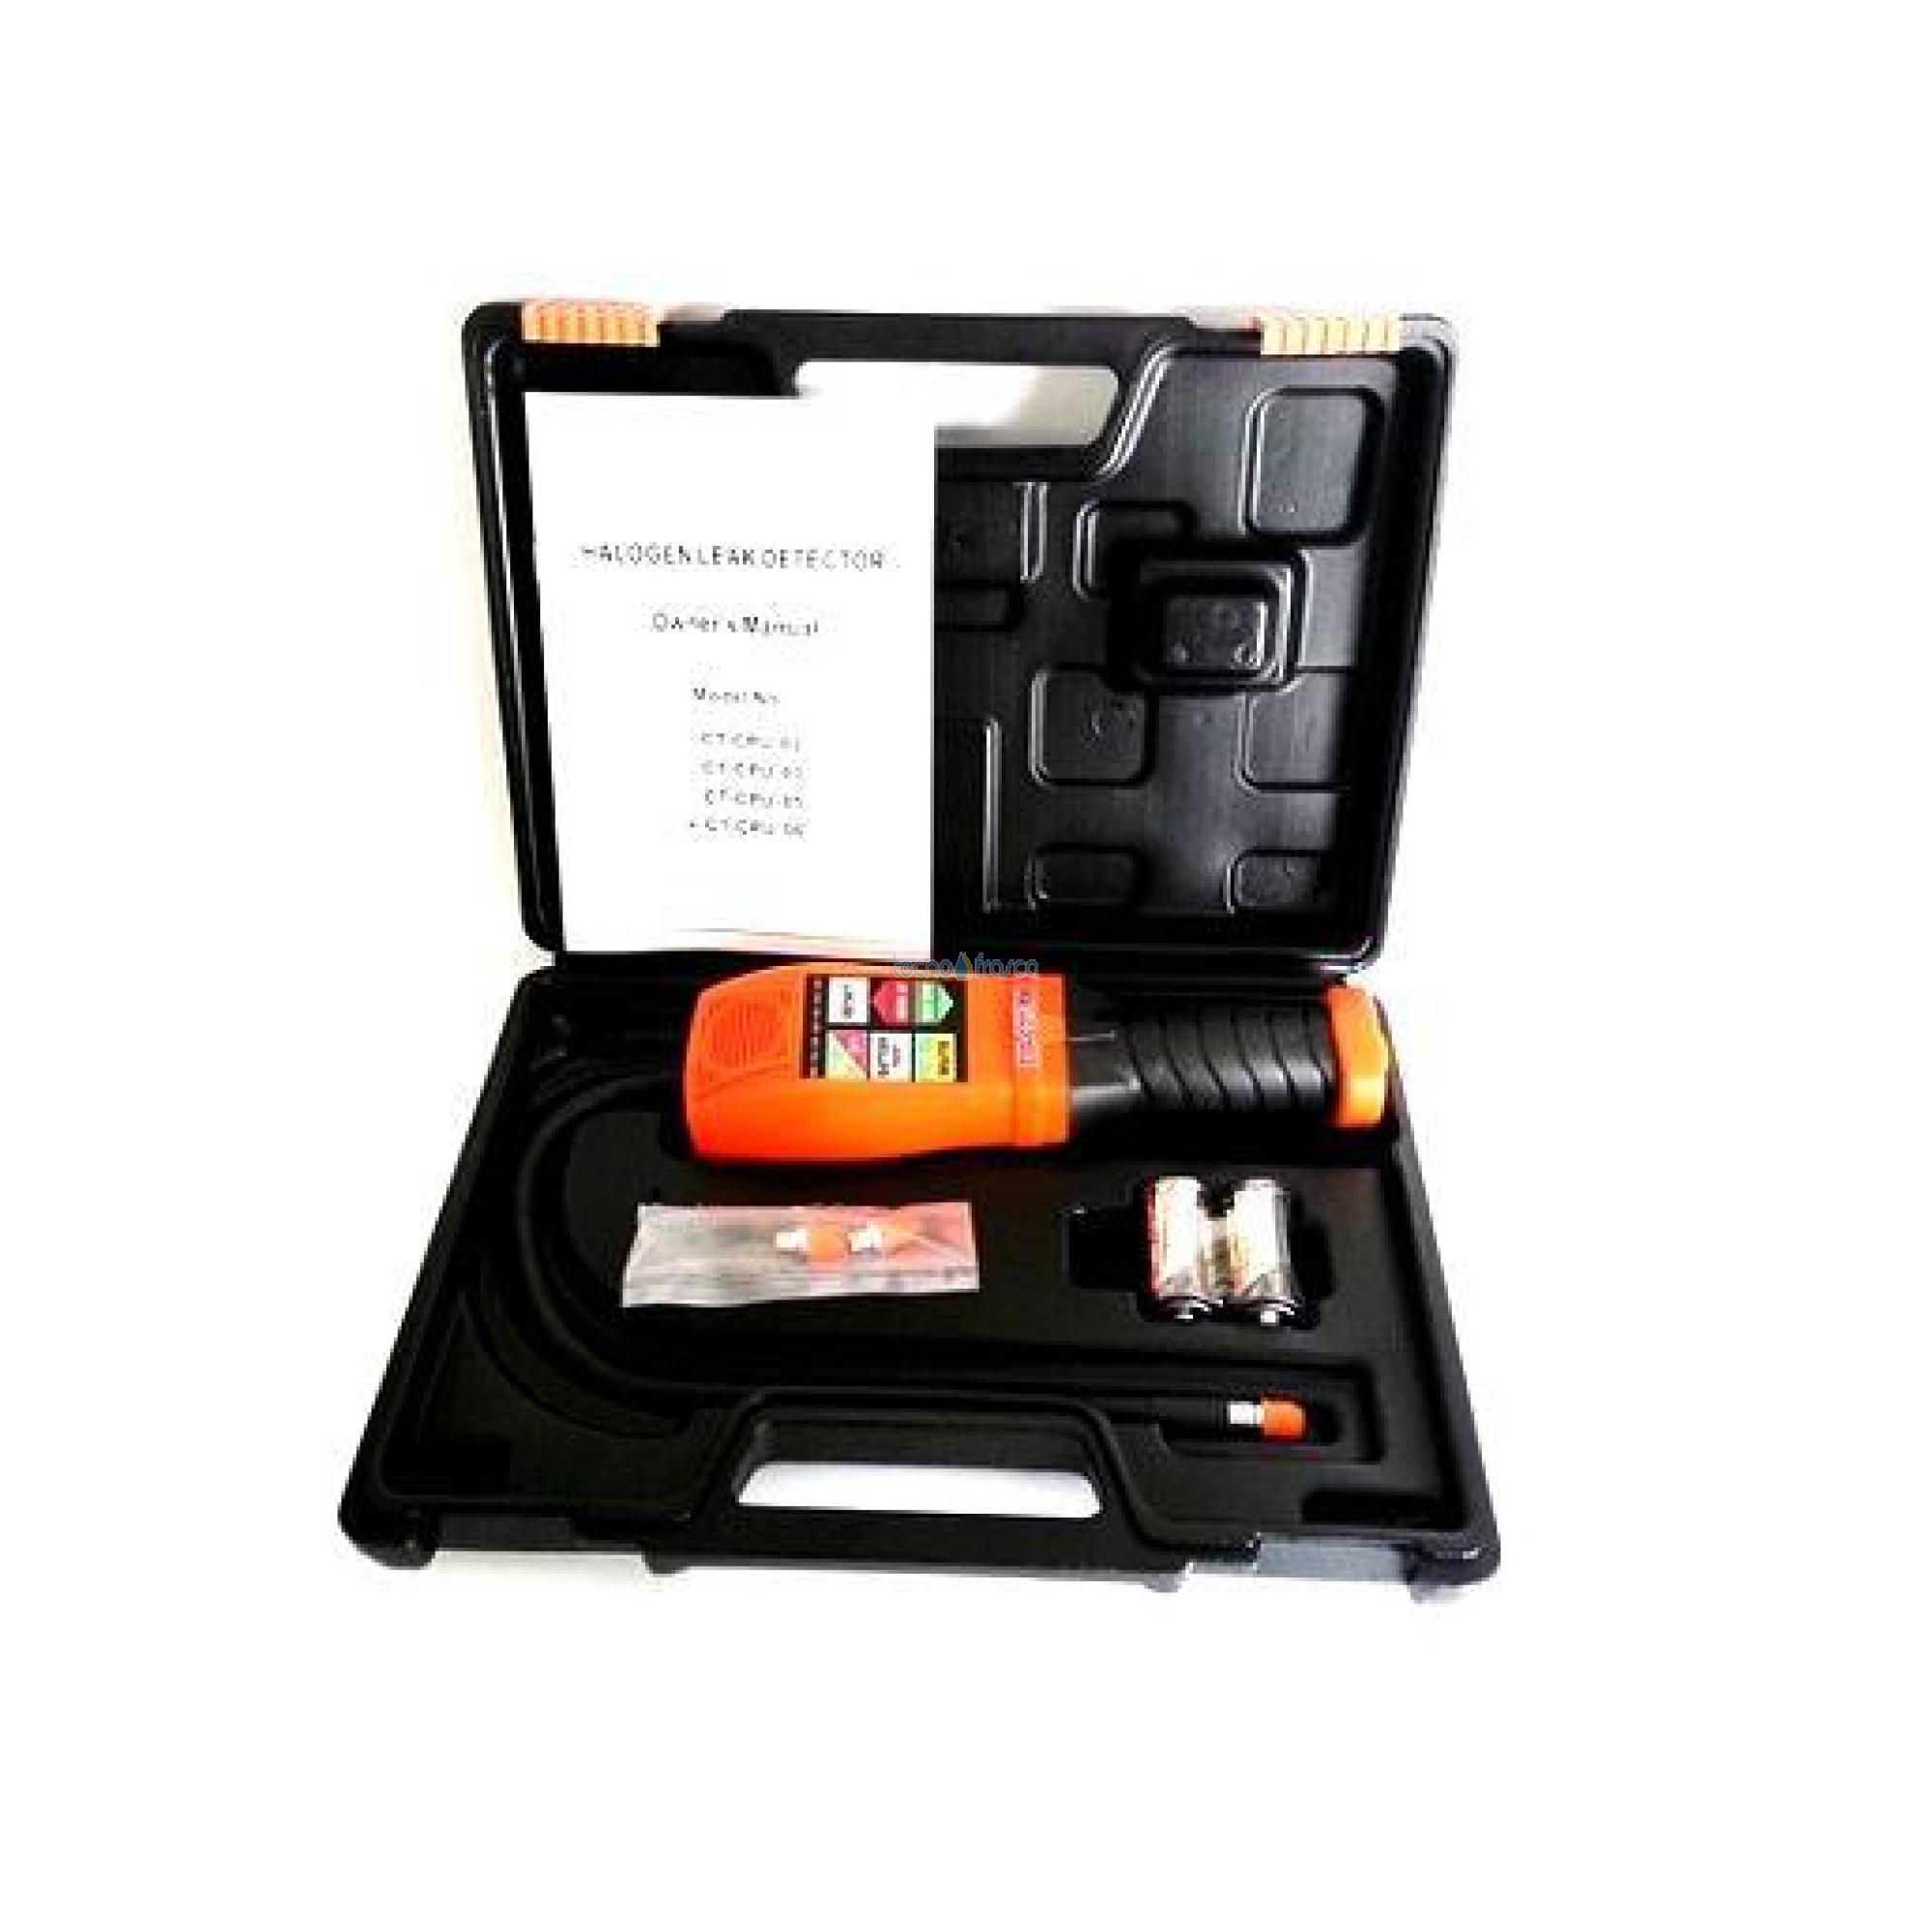 Cercafughe elettronico alta sensibilita' 99636